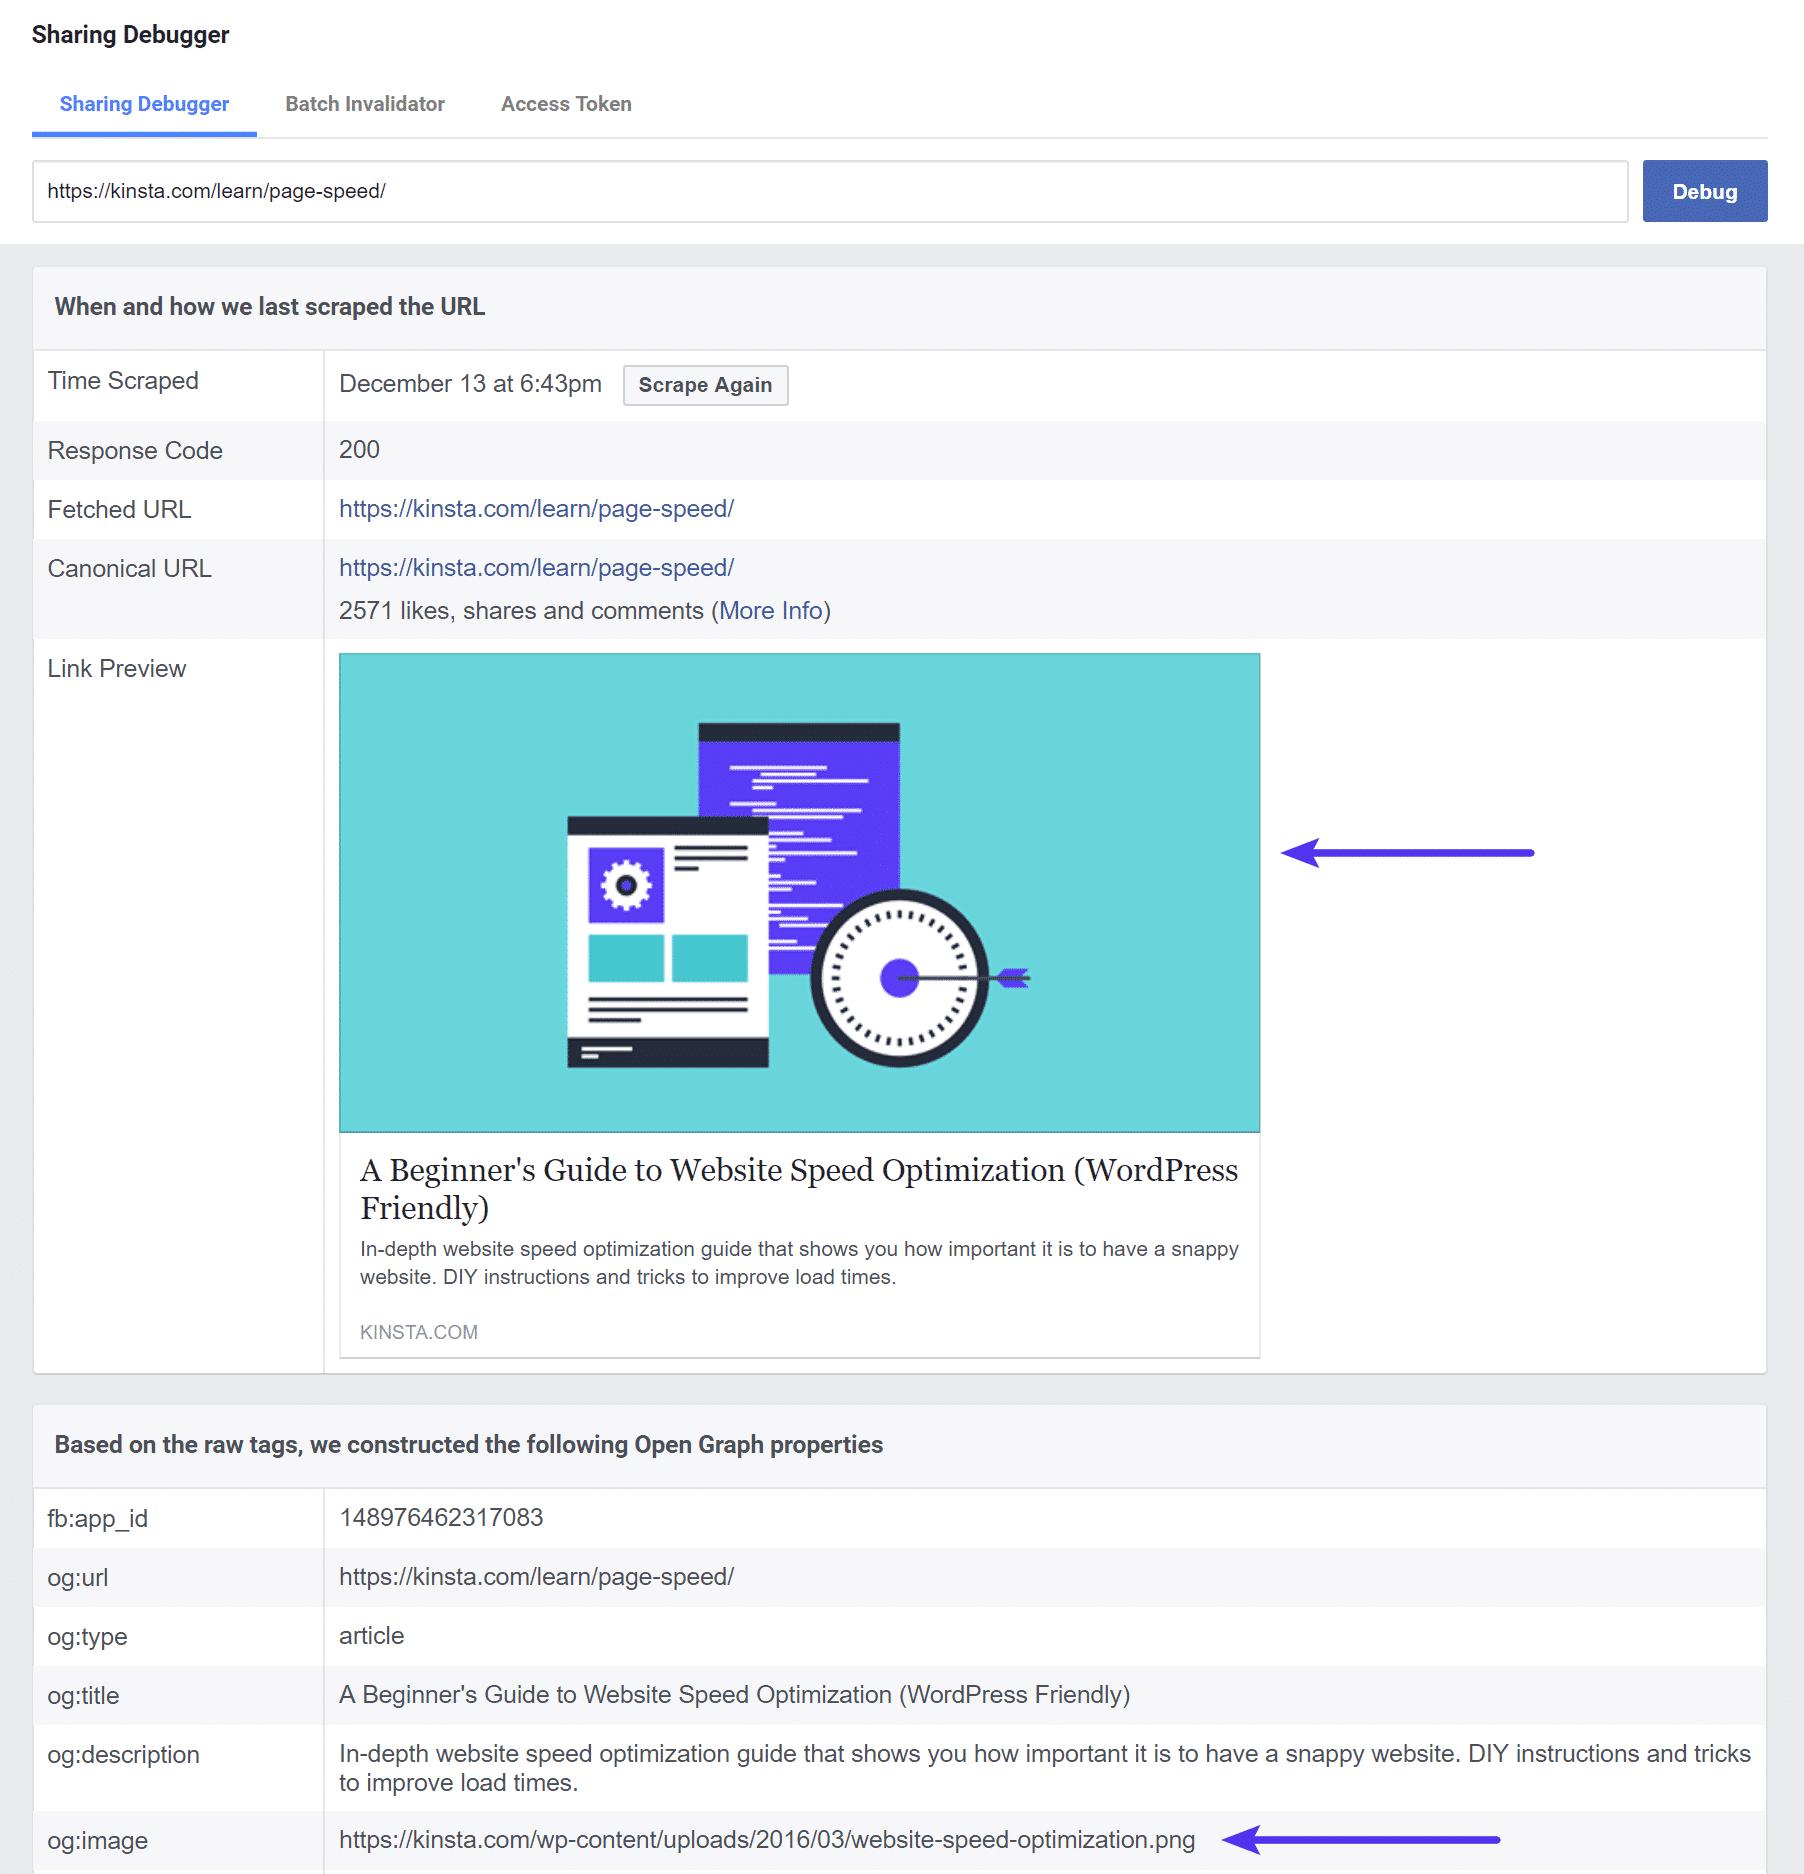 Oude afbeelding en URL in de Facebook Debugger